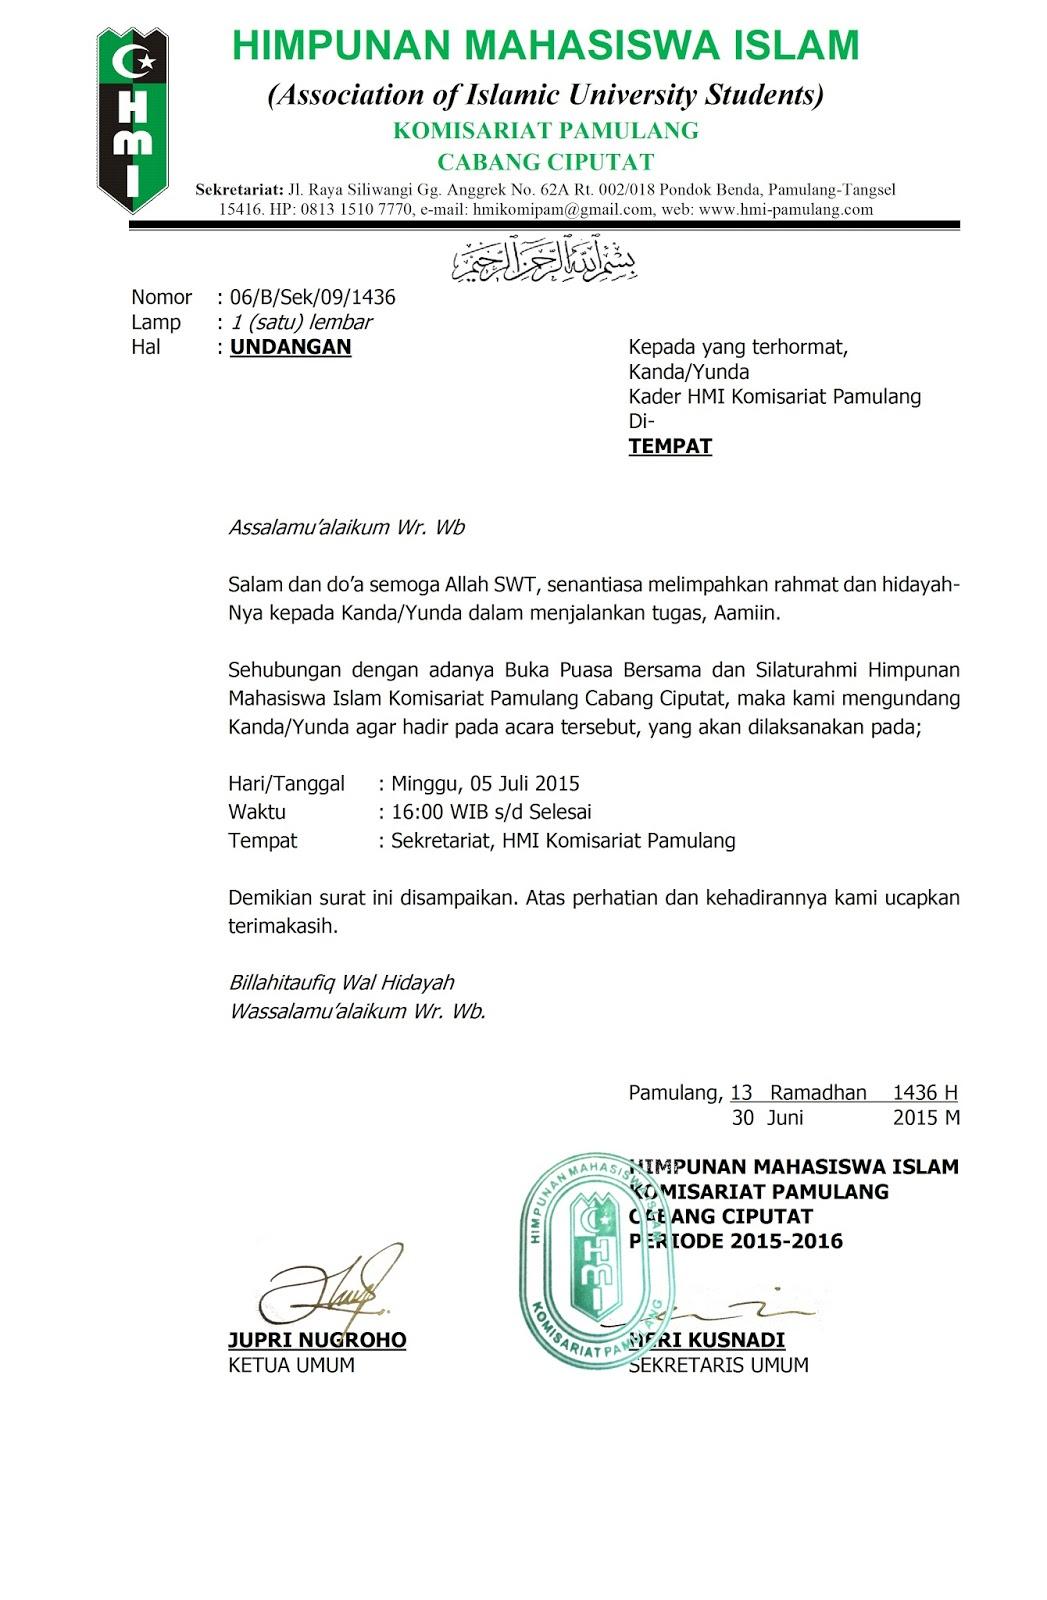 Contoh Format Surat Hmi